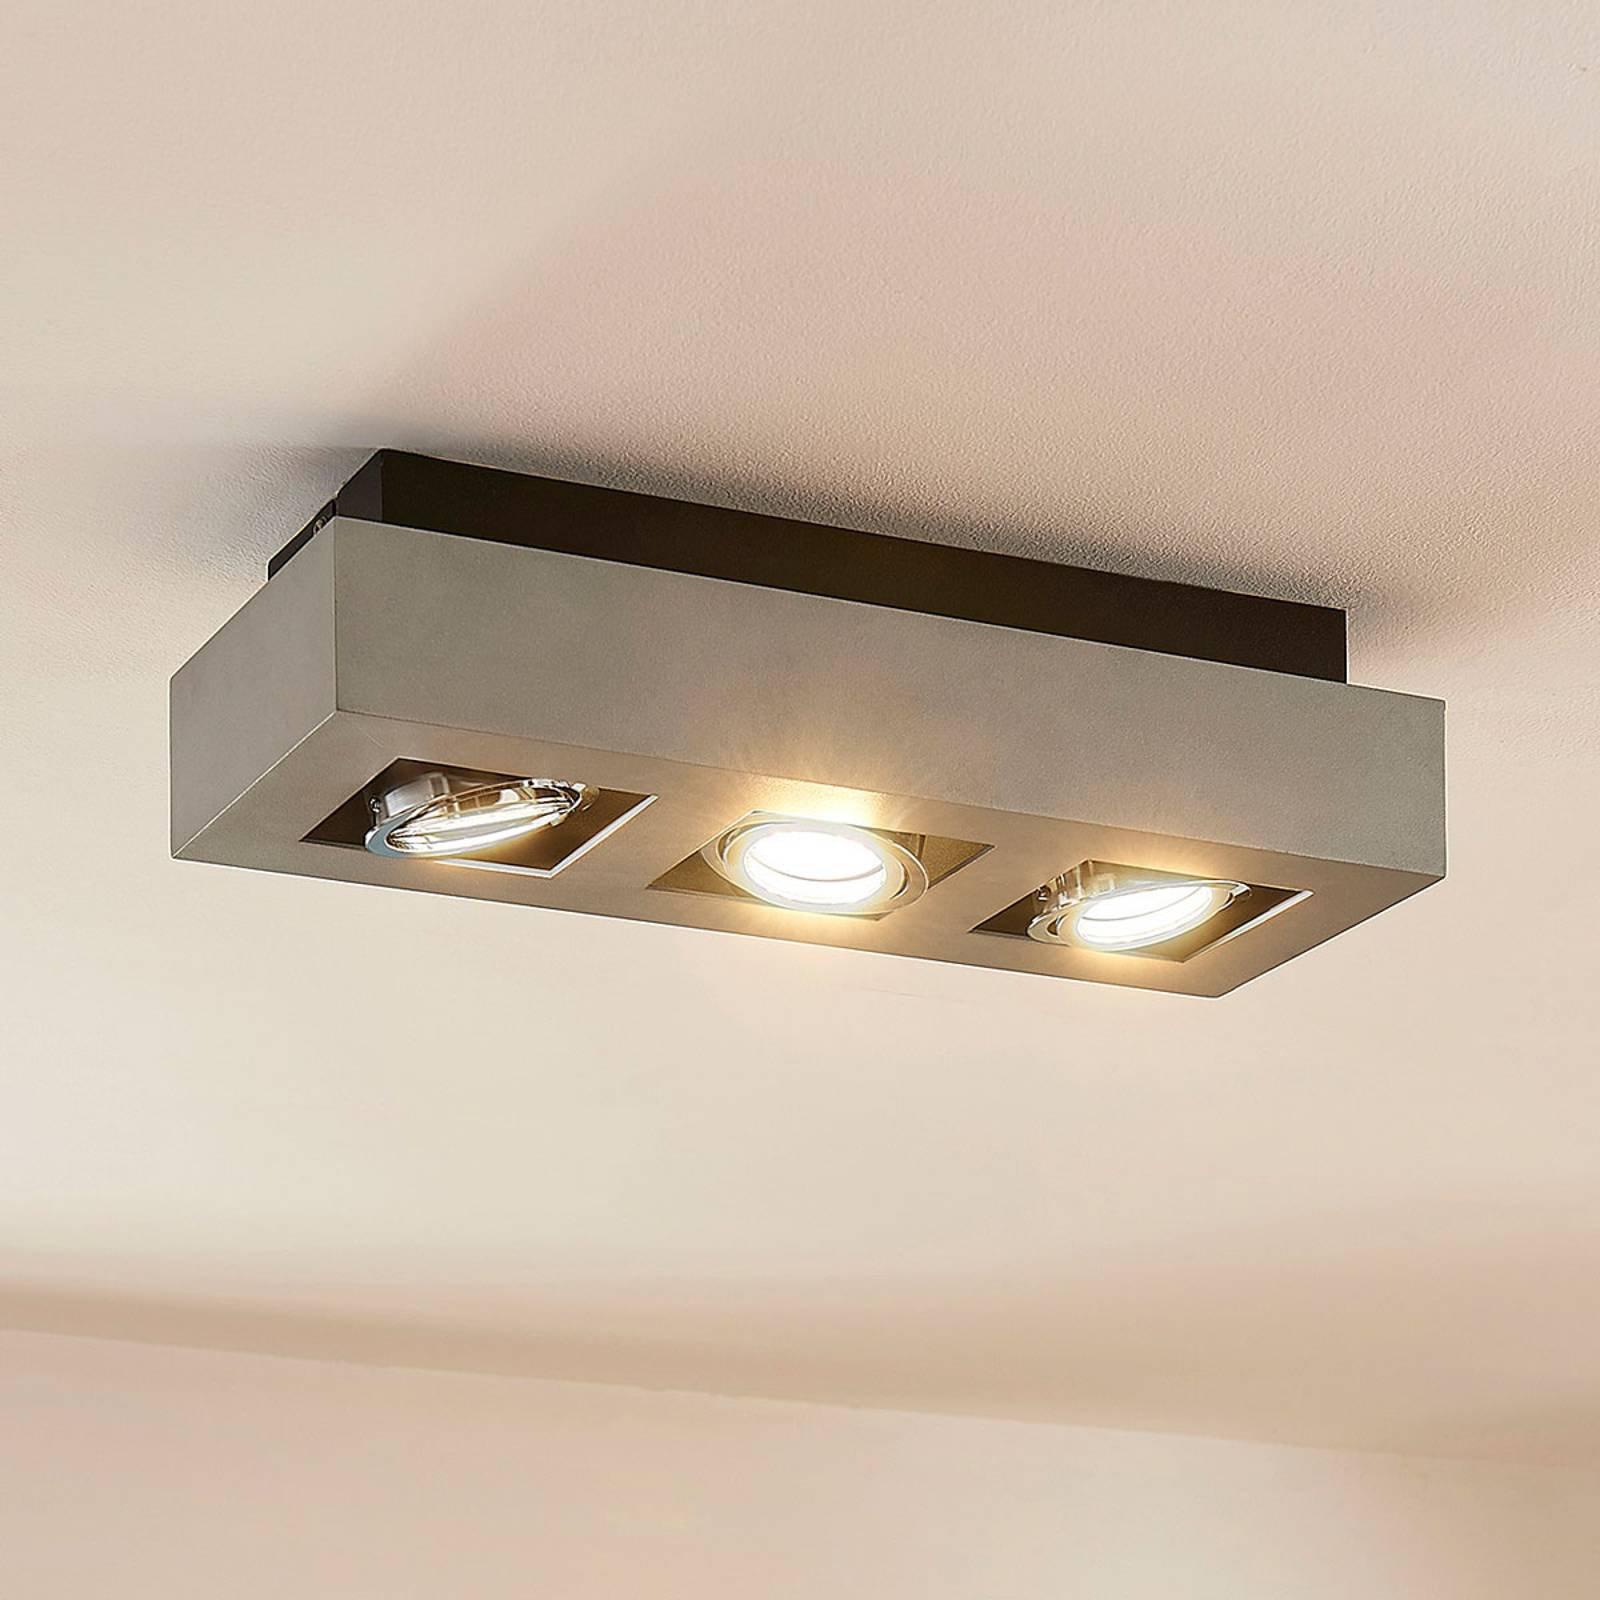 LED-taklampe Vince med 3 lys